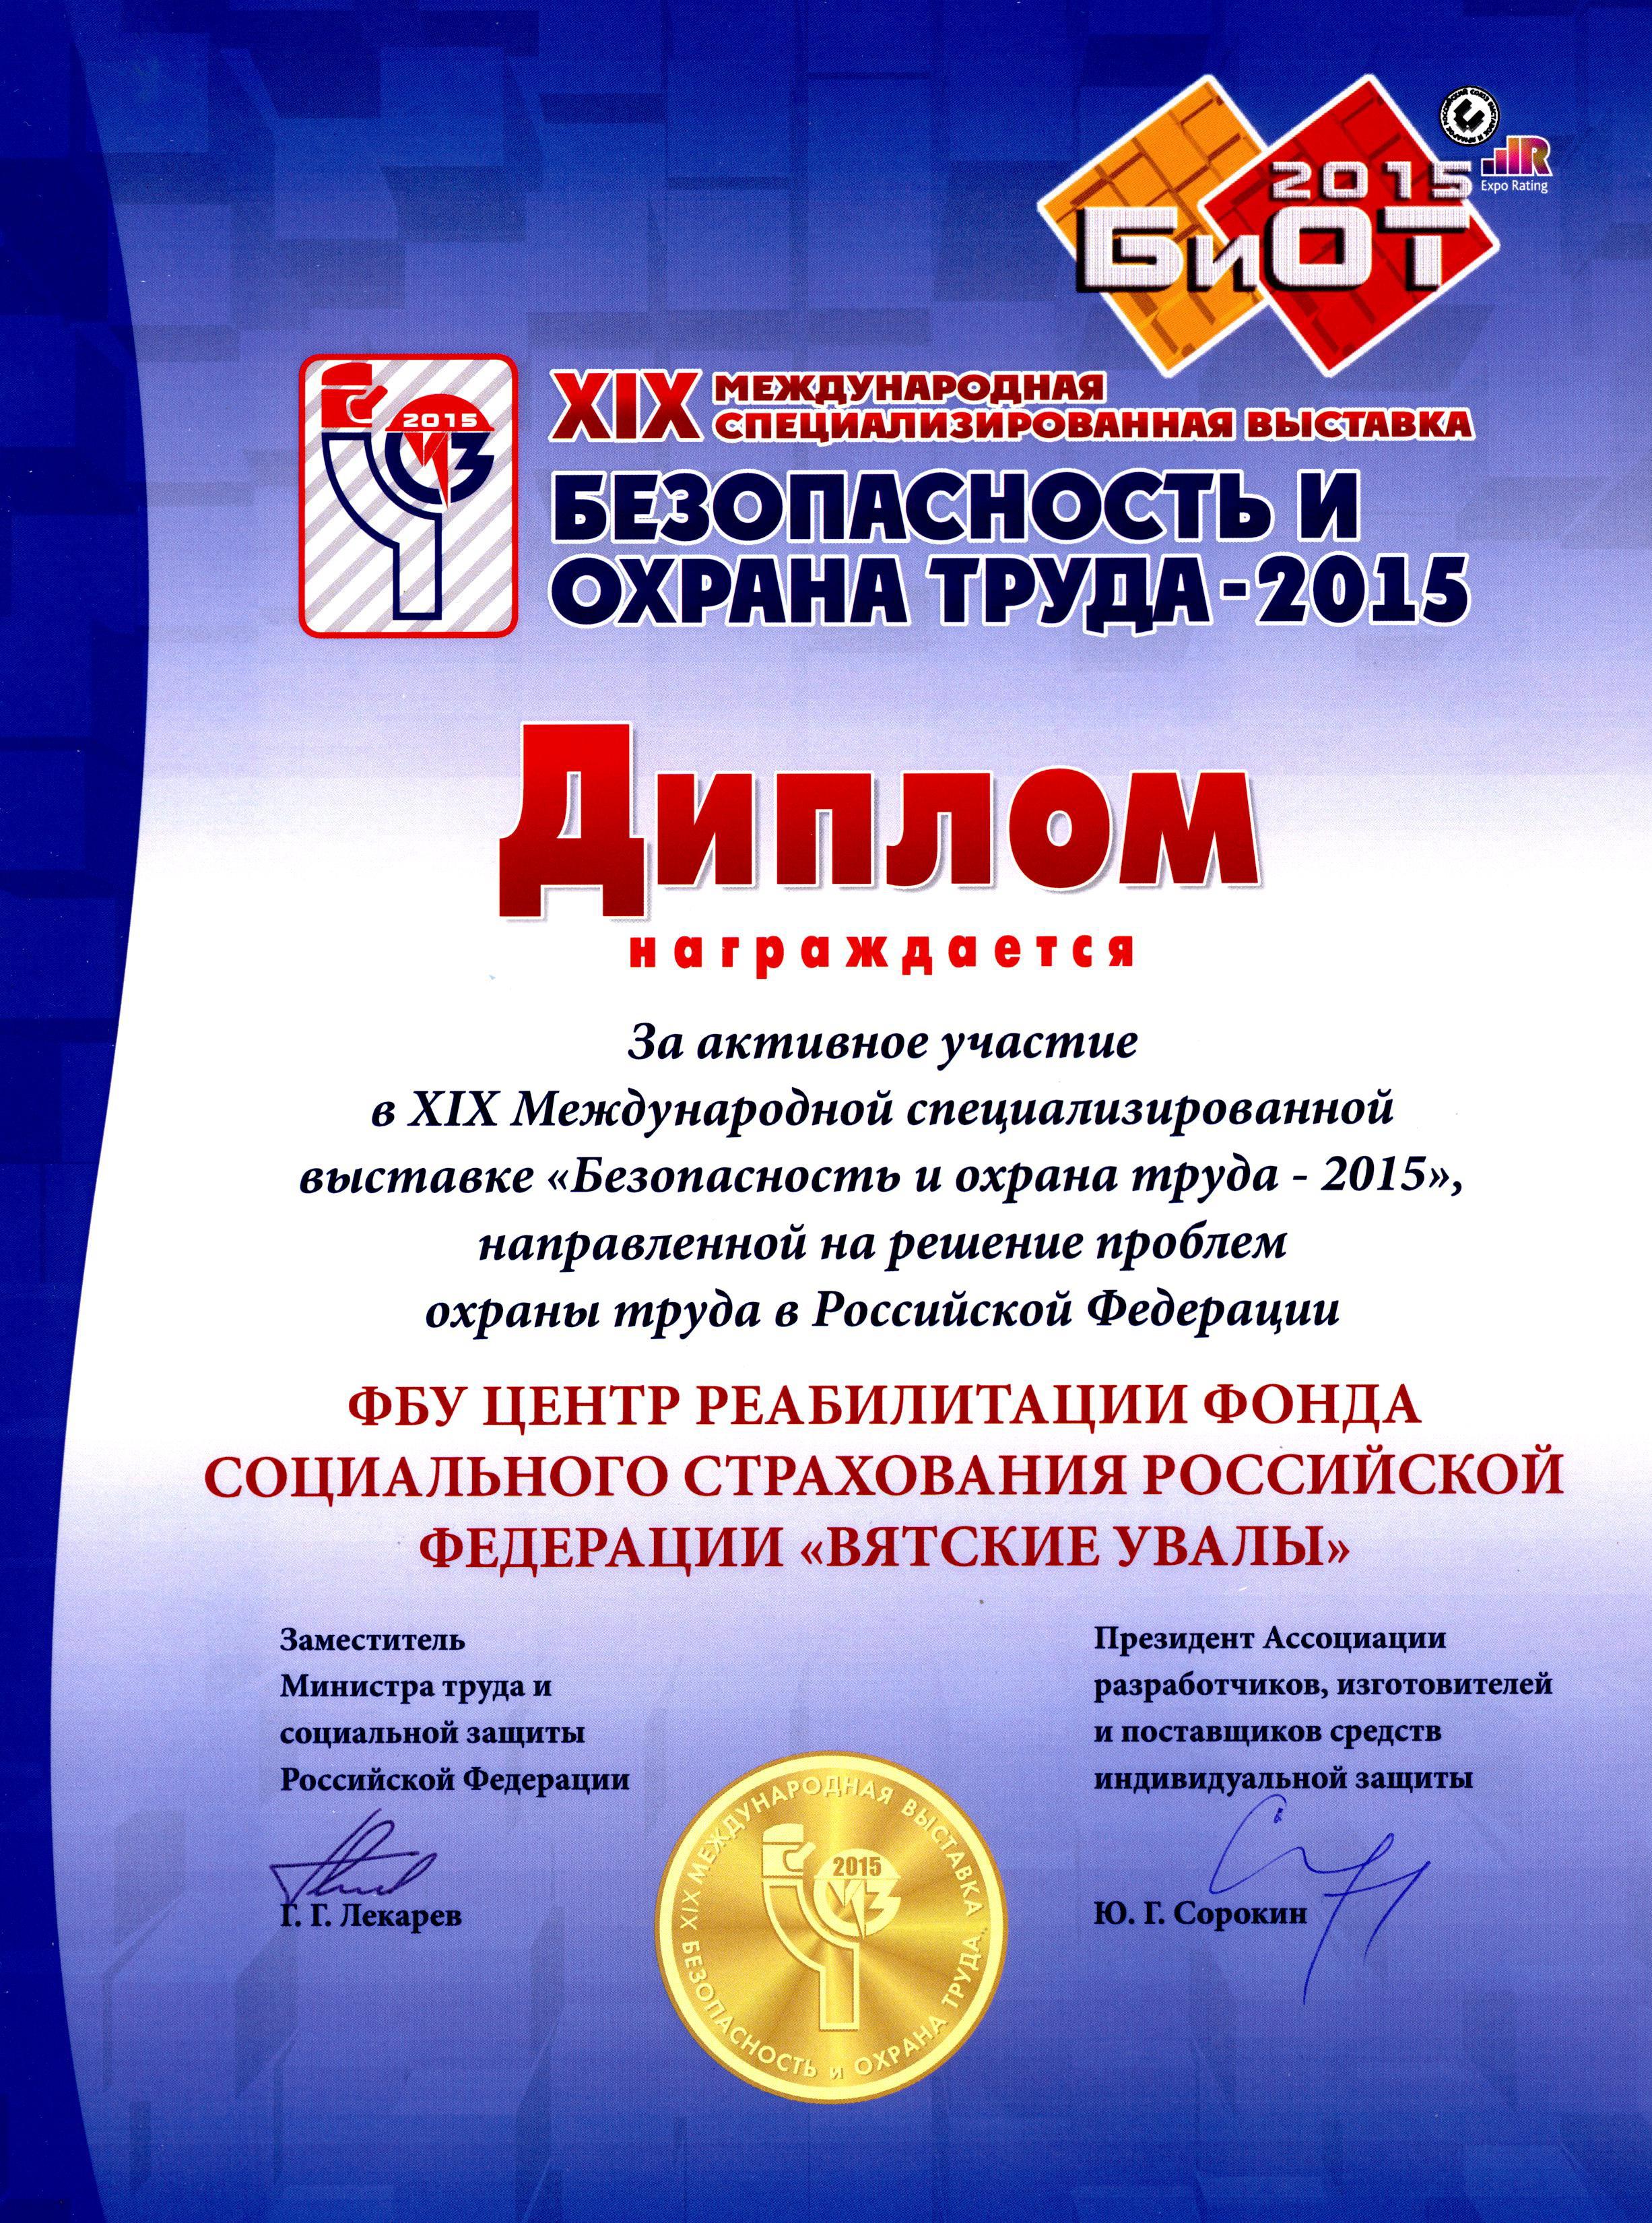 Награды Диплом xix Международной специализированной выставки Безопасность и охрана труда 2015